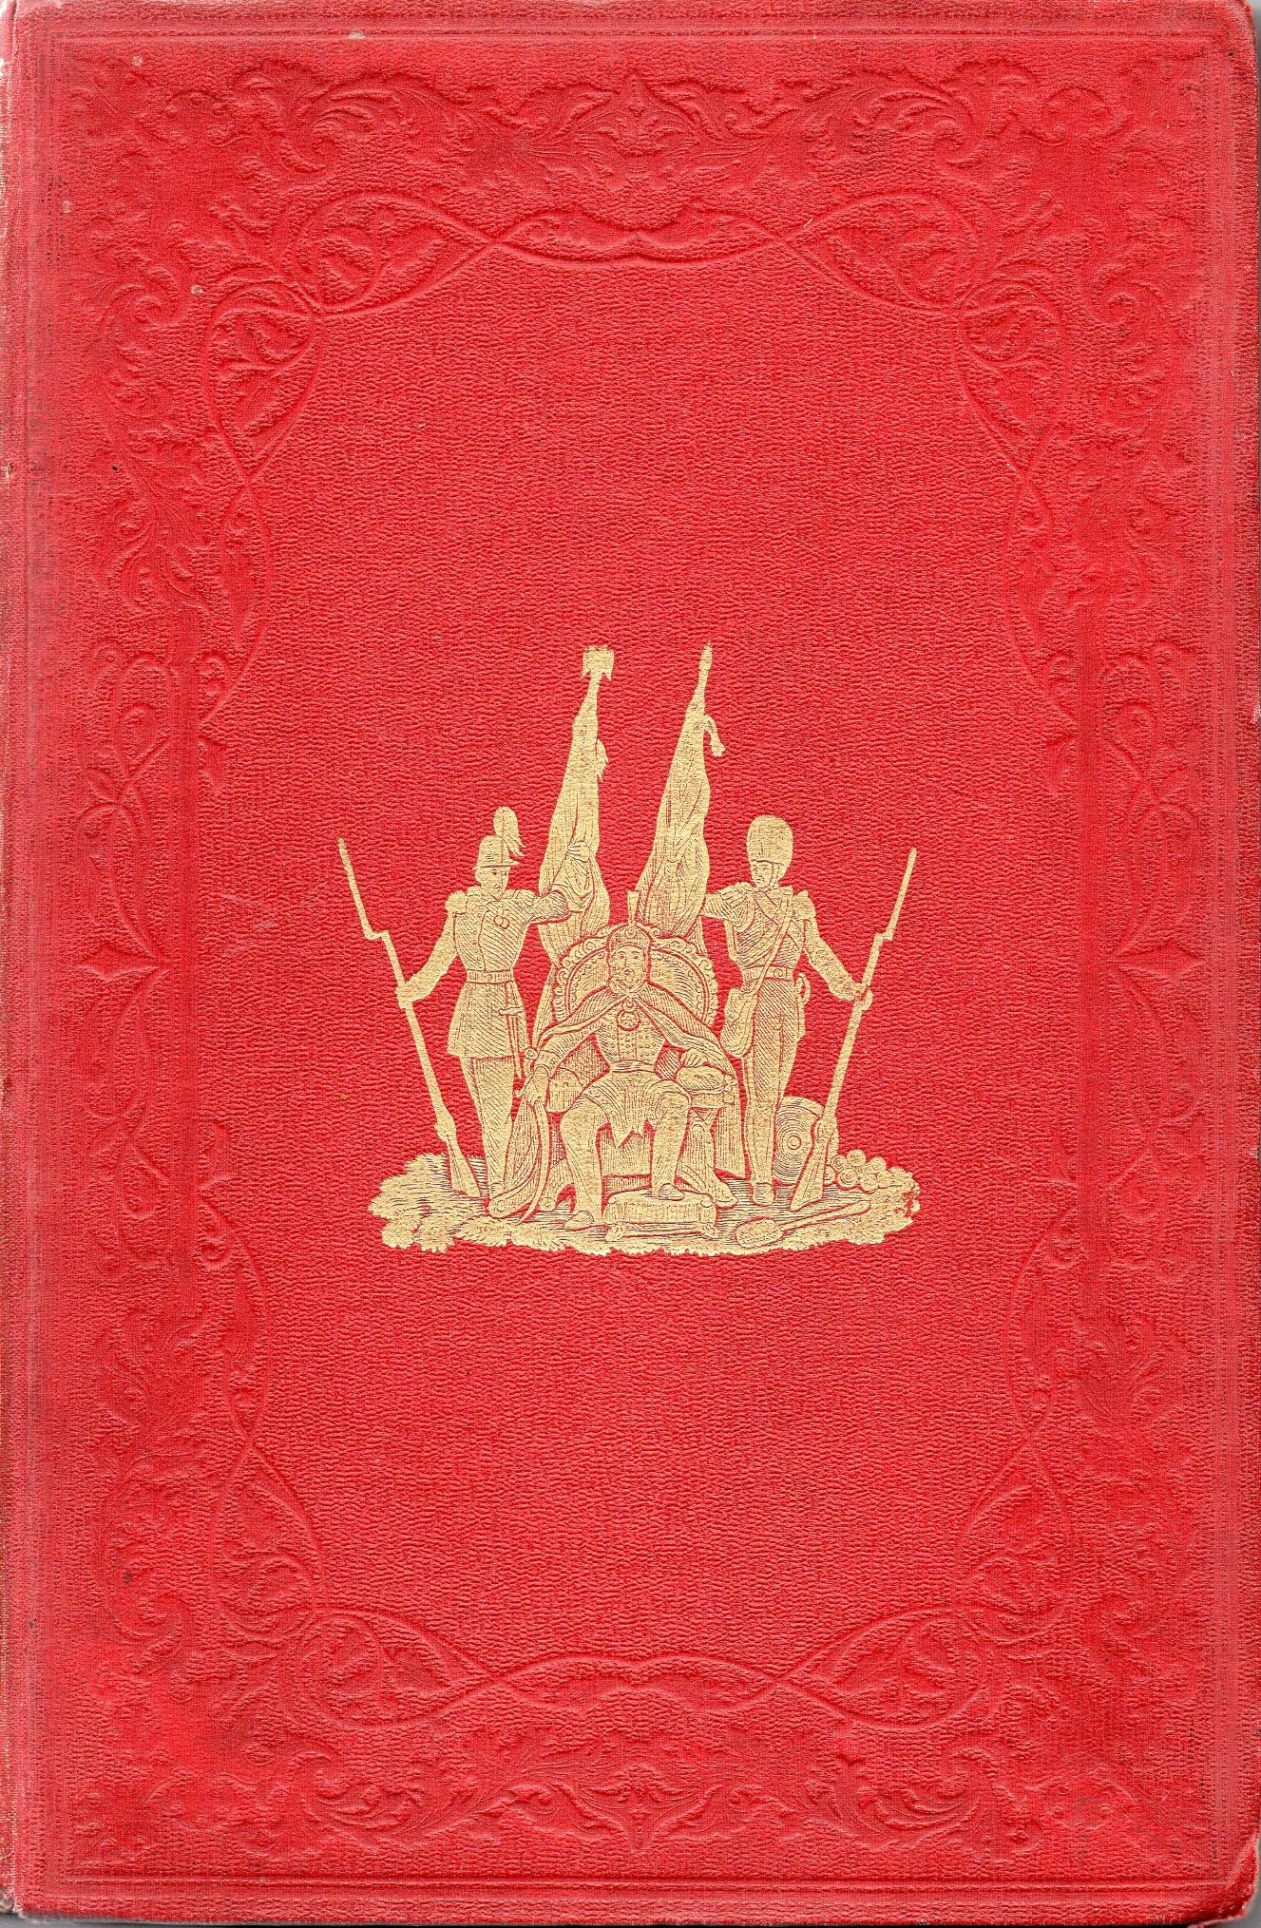 """Книга """"Nolan E. H. """" The history of the War Against Russia. Illustrated. Т. І"""" / Нолан Е. """"Історія війни проти Росії. Ілюстрована. Т. І"""""""